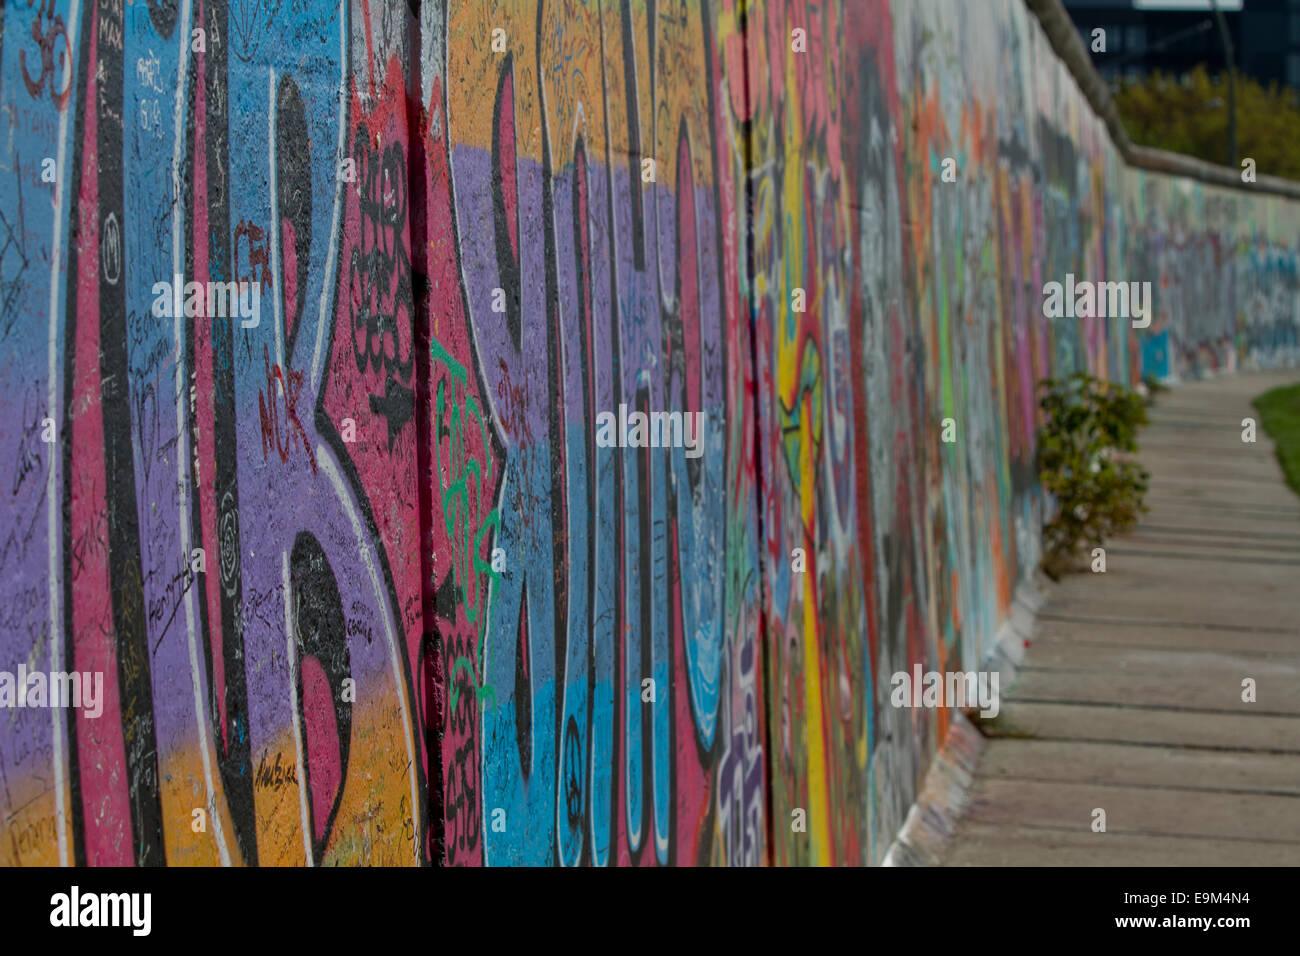 Graffiti street art Berlin wall pavement - Stock Image